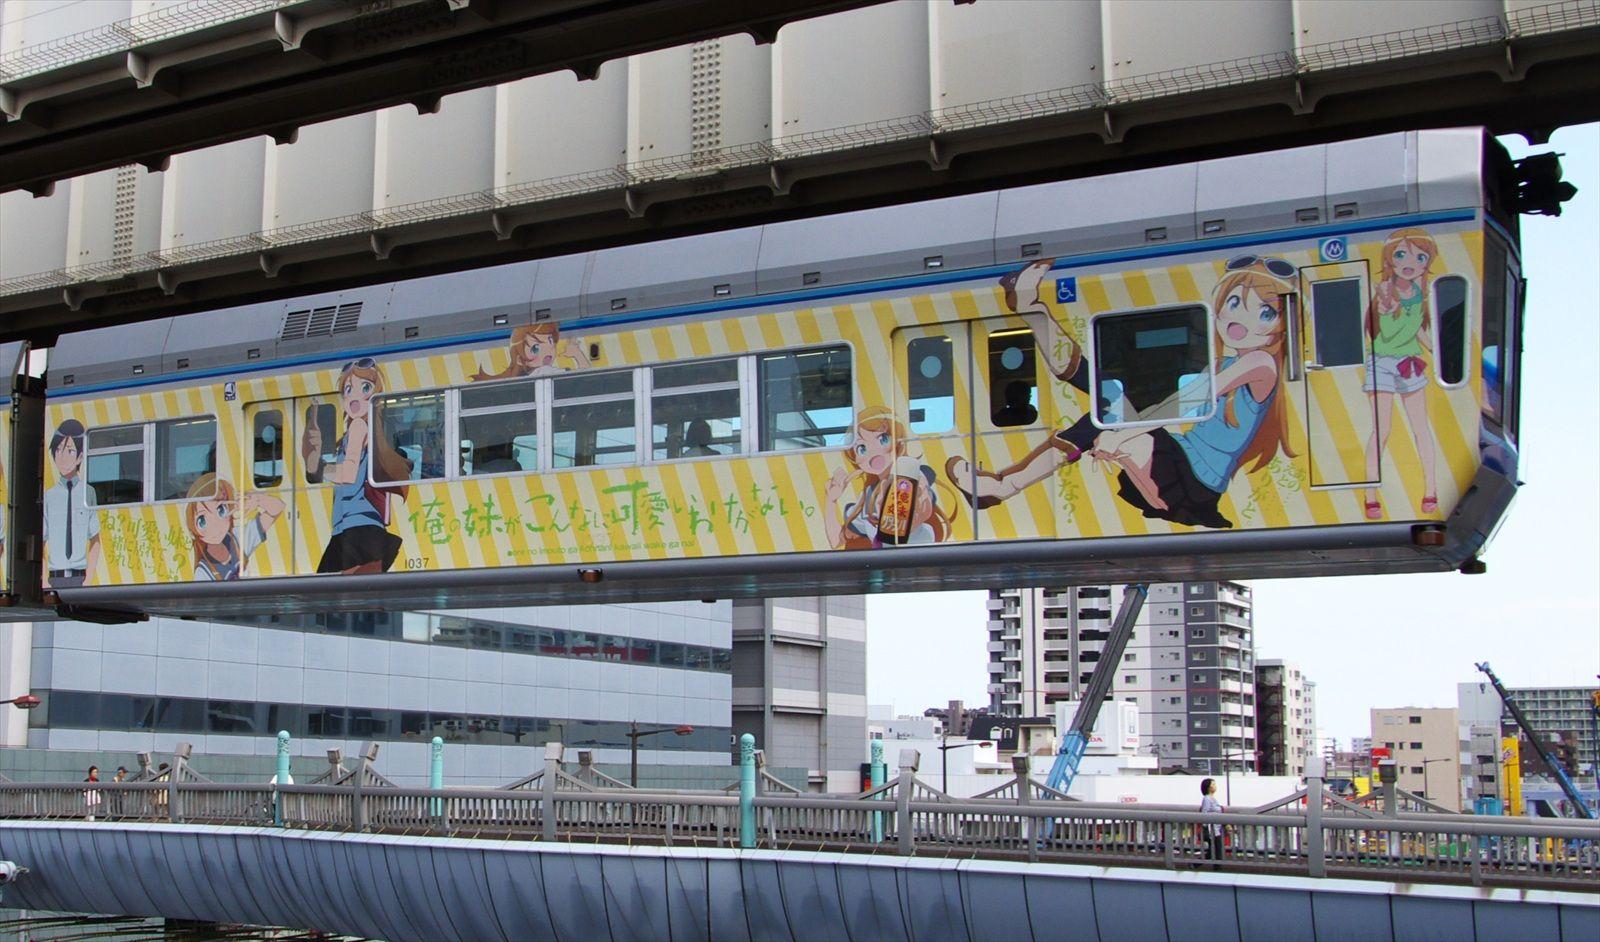 千葉都市モノレール、フリー切符の絵柄を「風太」から「俺の妹」に刷新 2万枚限定 アニメファン呼び込みへ